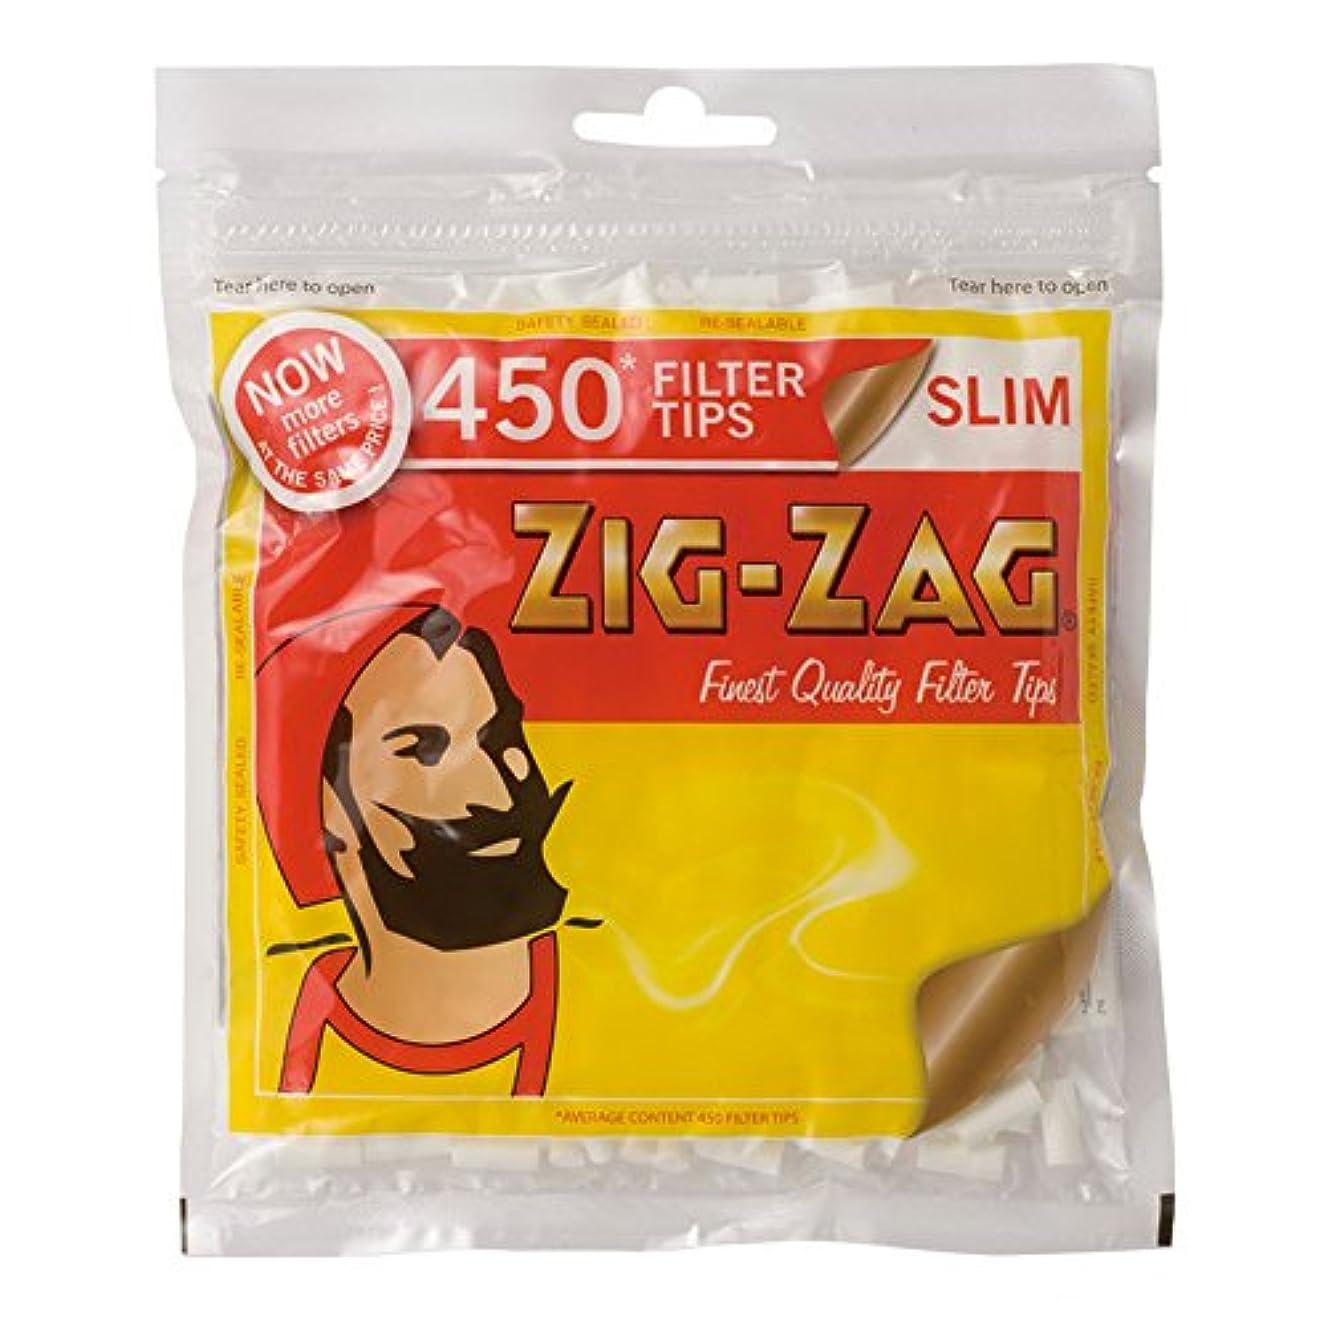 塊発症個性ZIG-ZAG(ジグザグ) スリム フィルター 450 直径6mm 約450個入り #78868